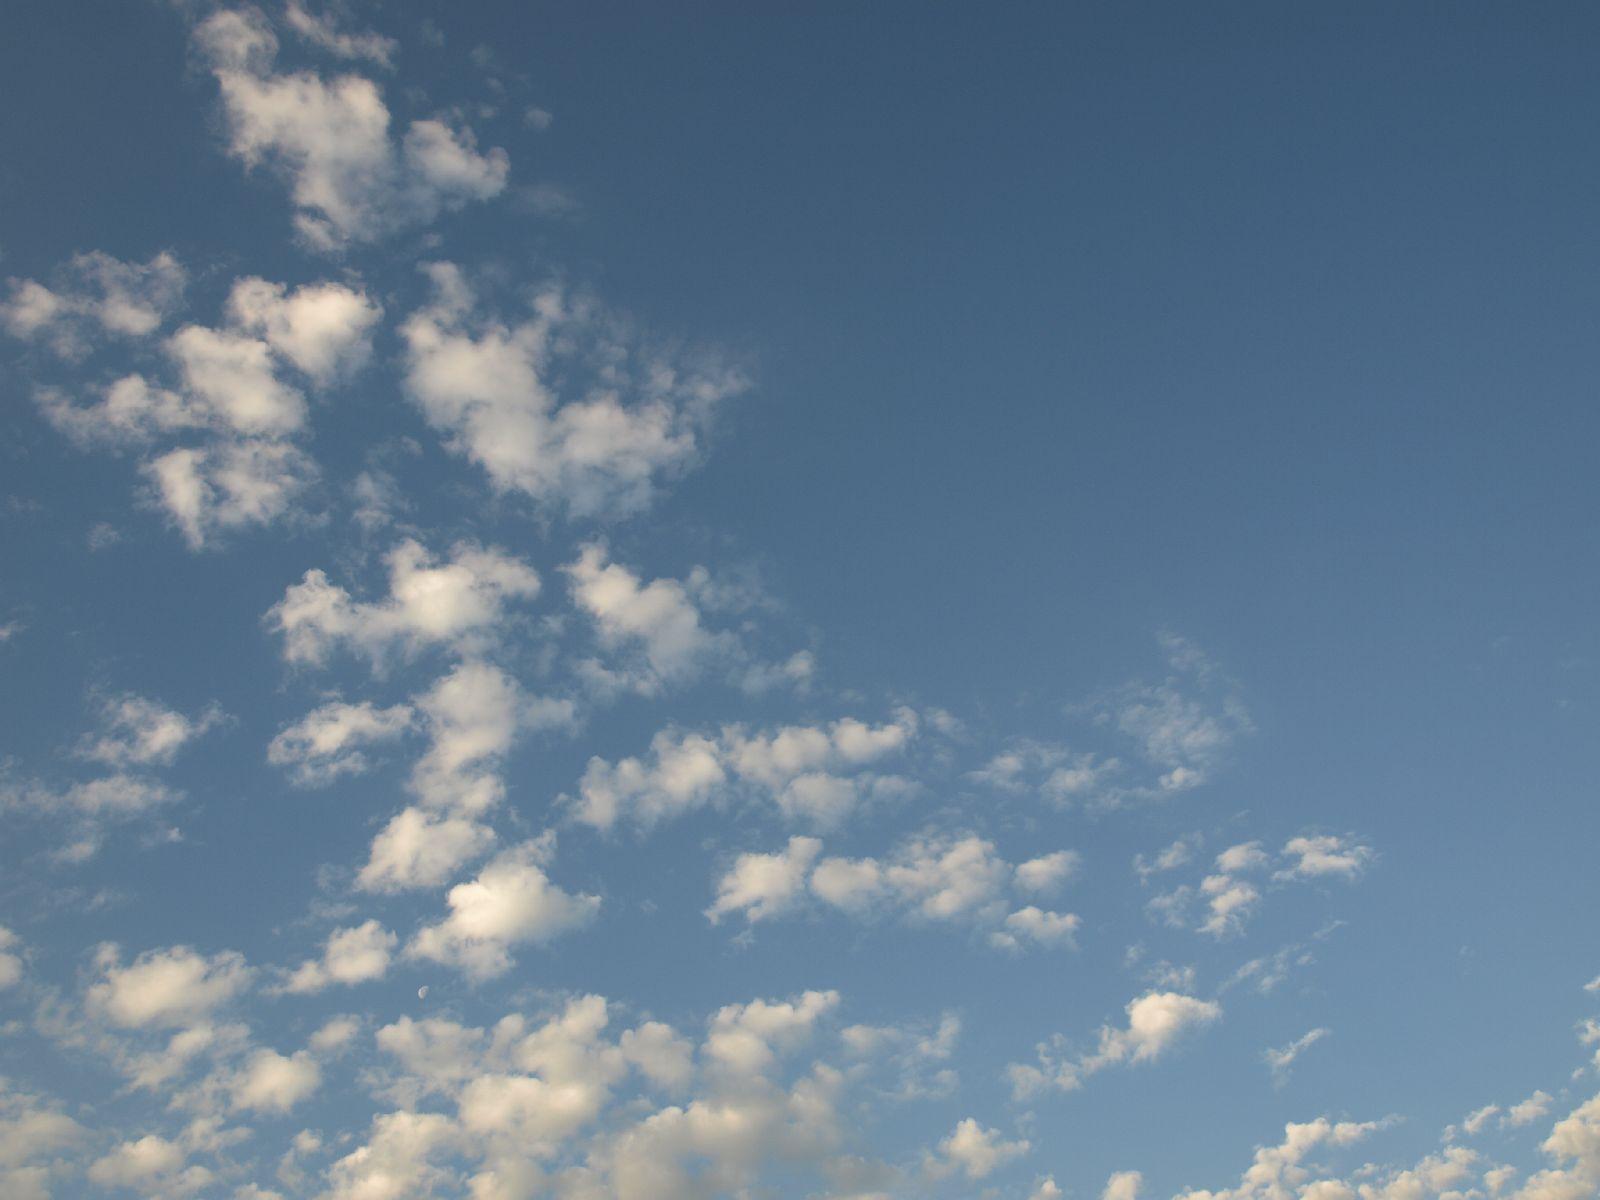 Himmel-Wolken-Foto_Textur_A_P6147584